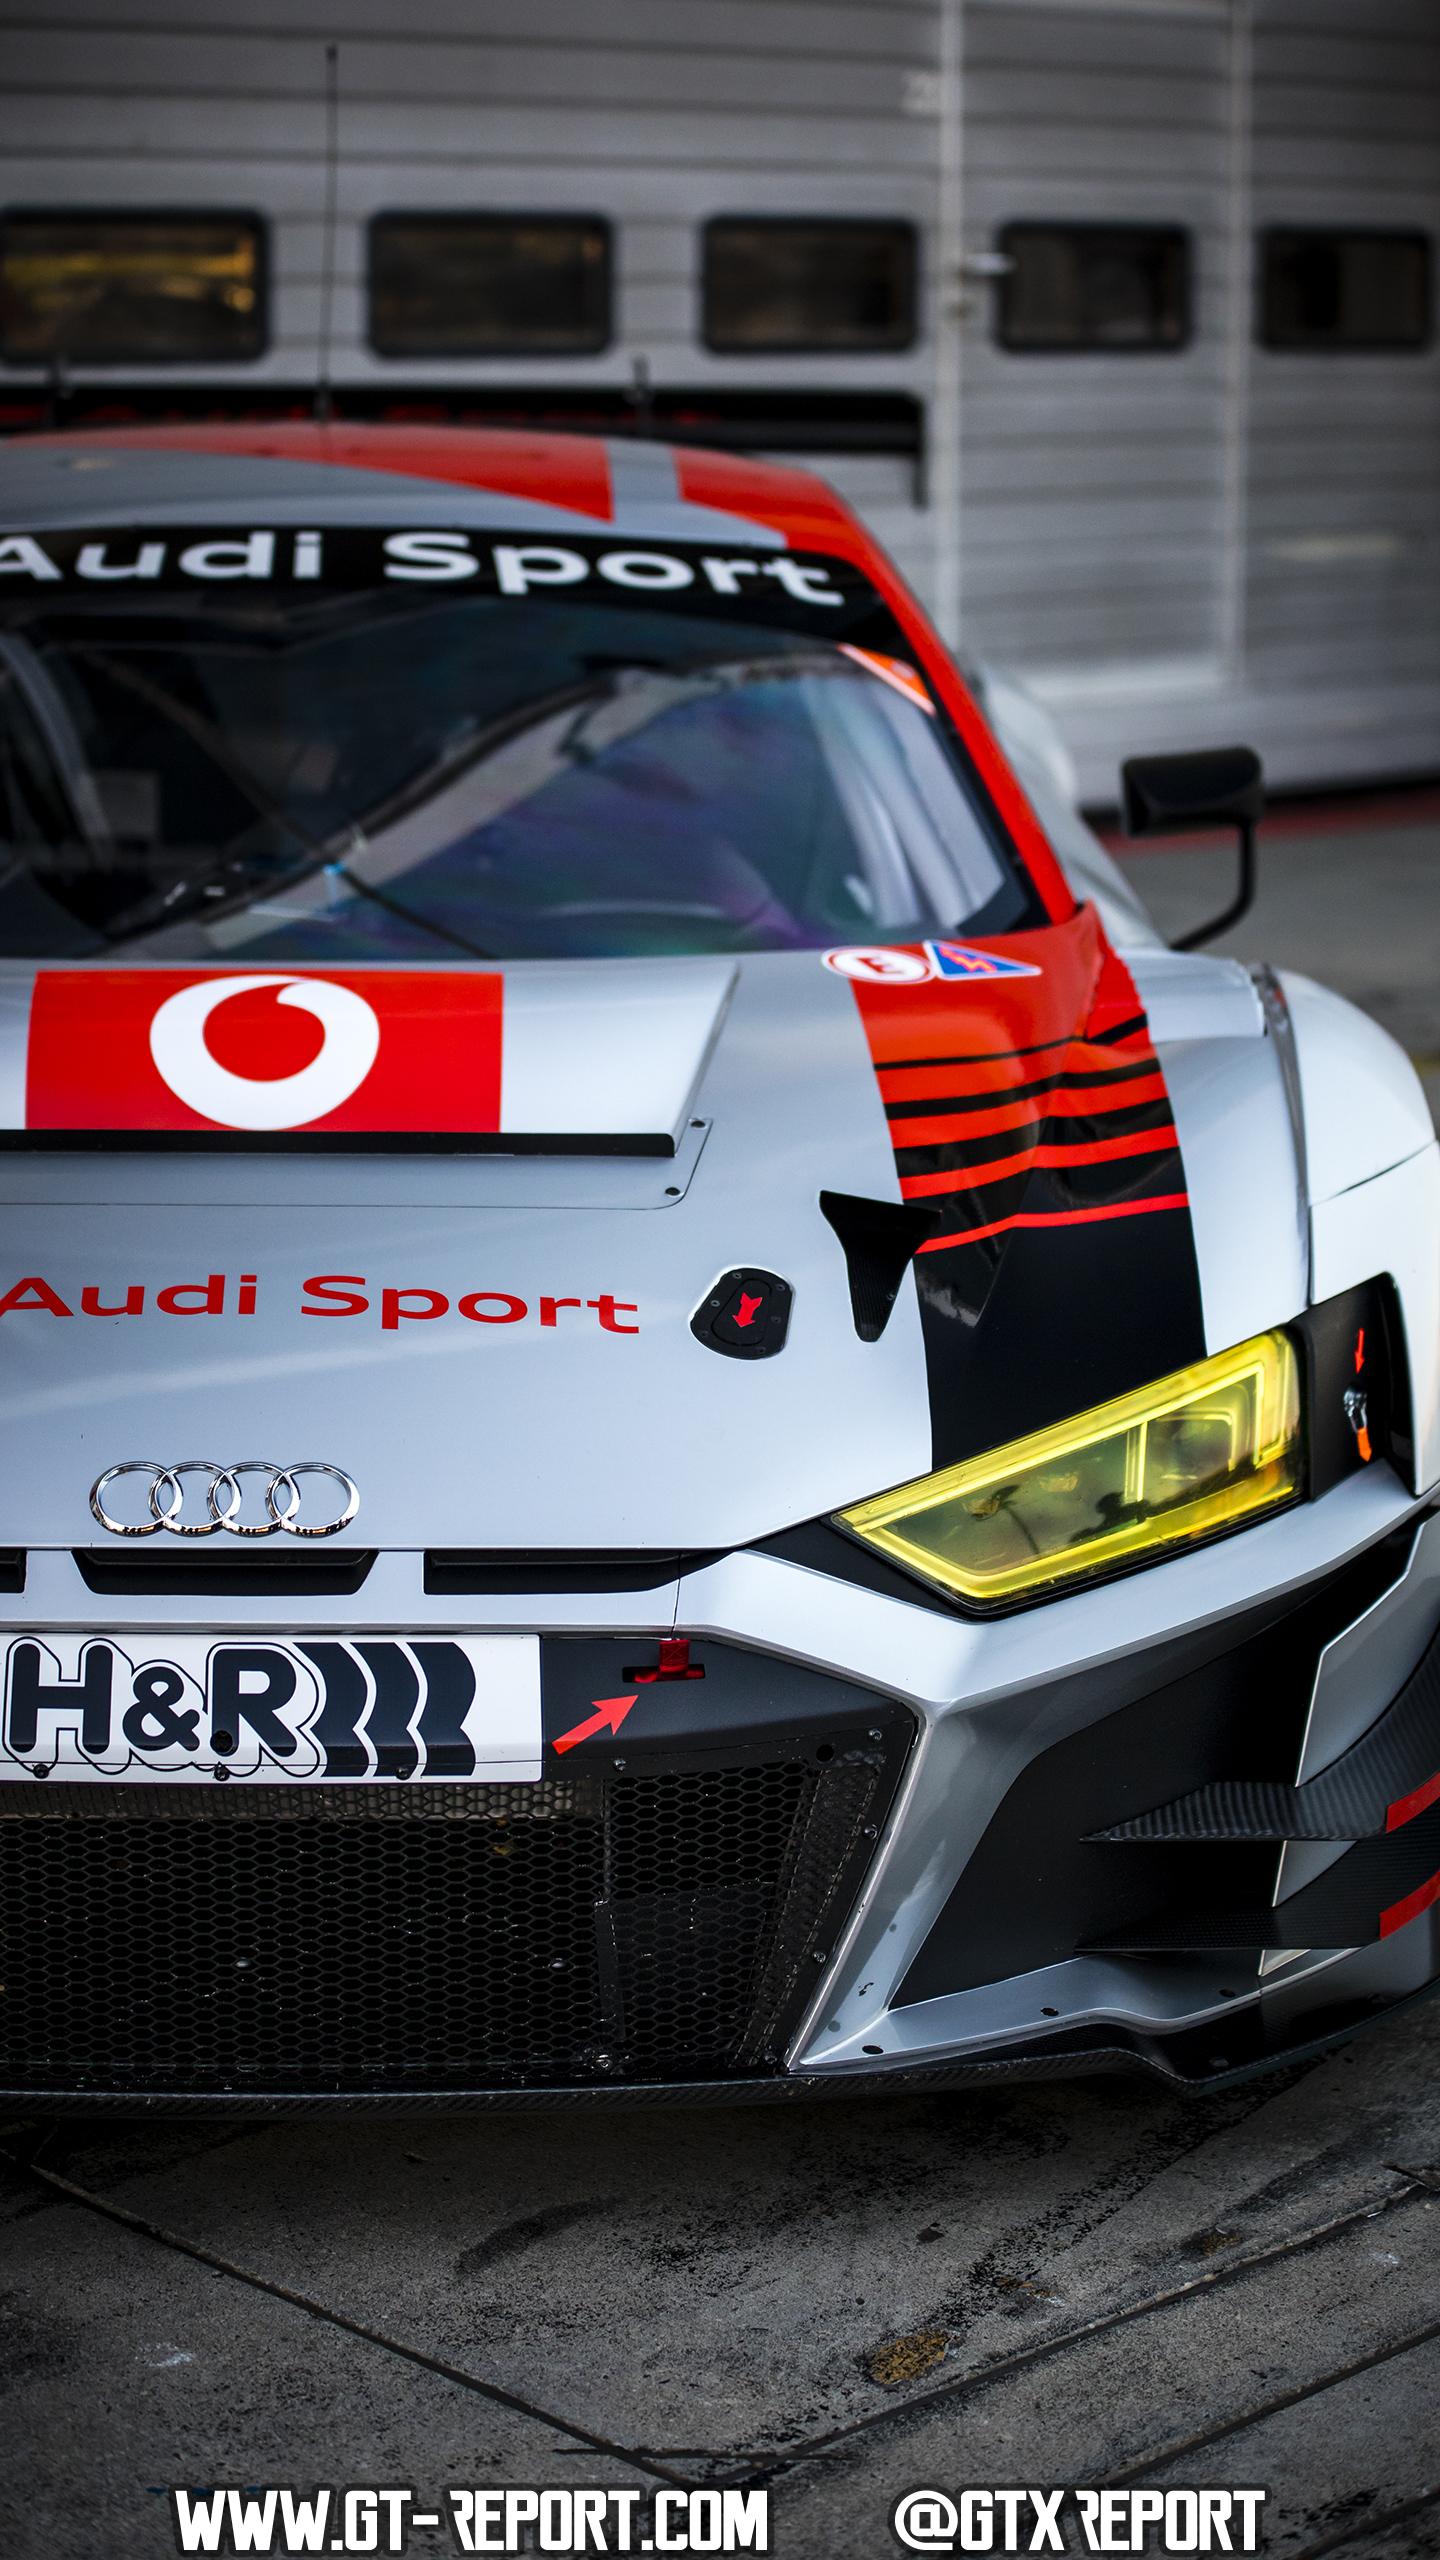 Audi R8 Lms Gt3 Evo 2019 Wallpaper Gt Report